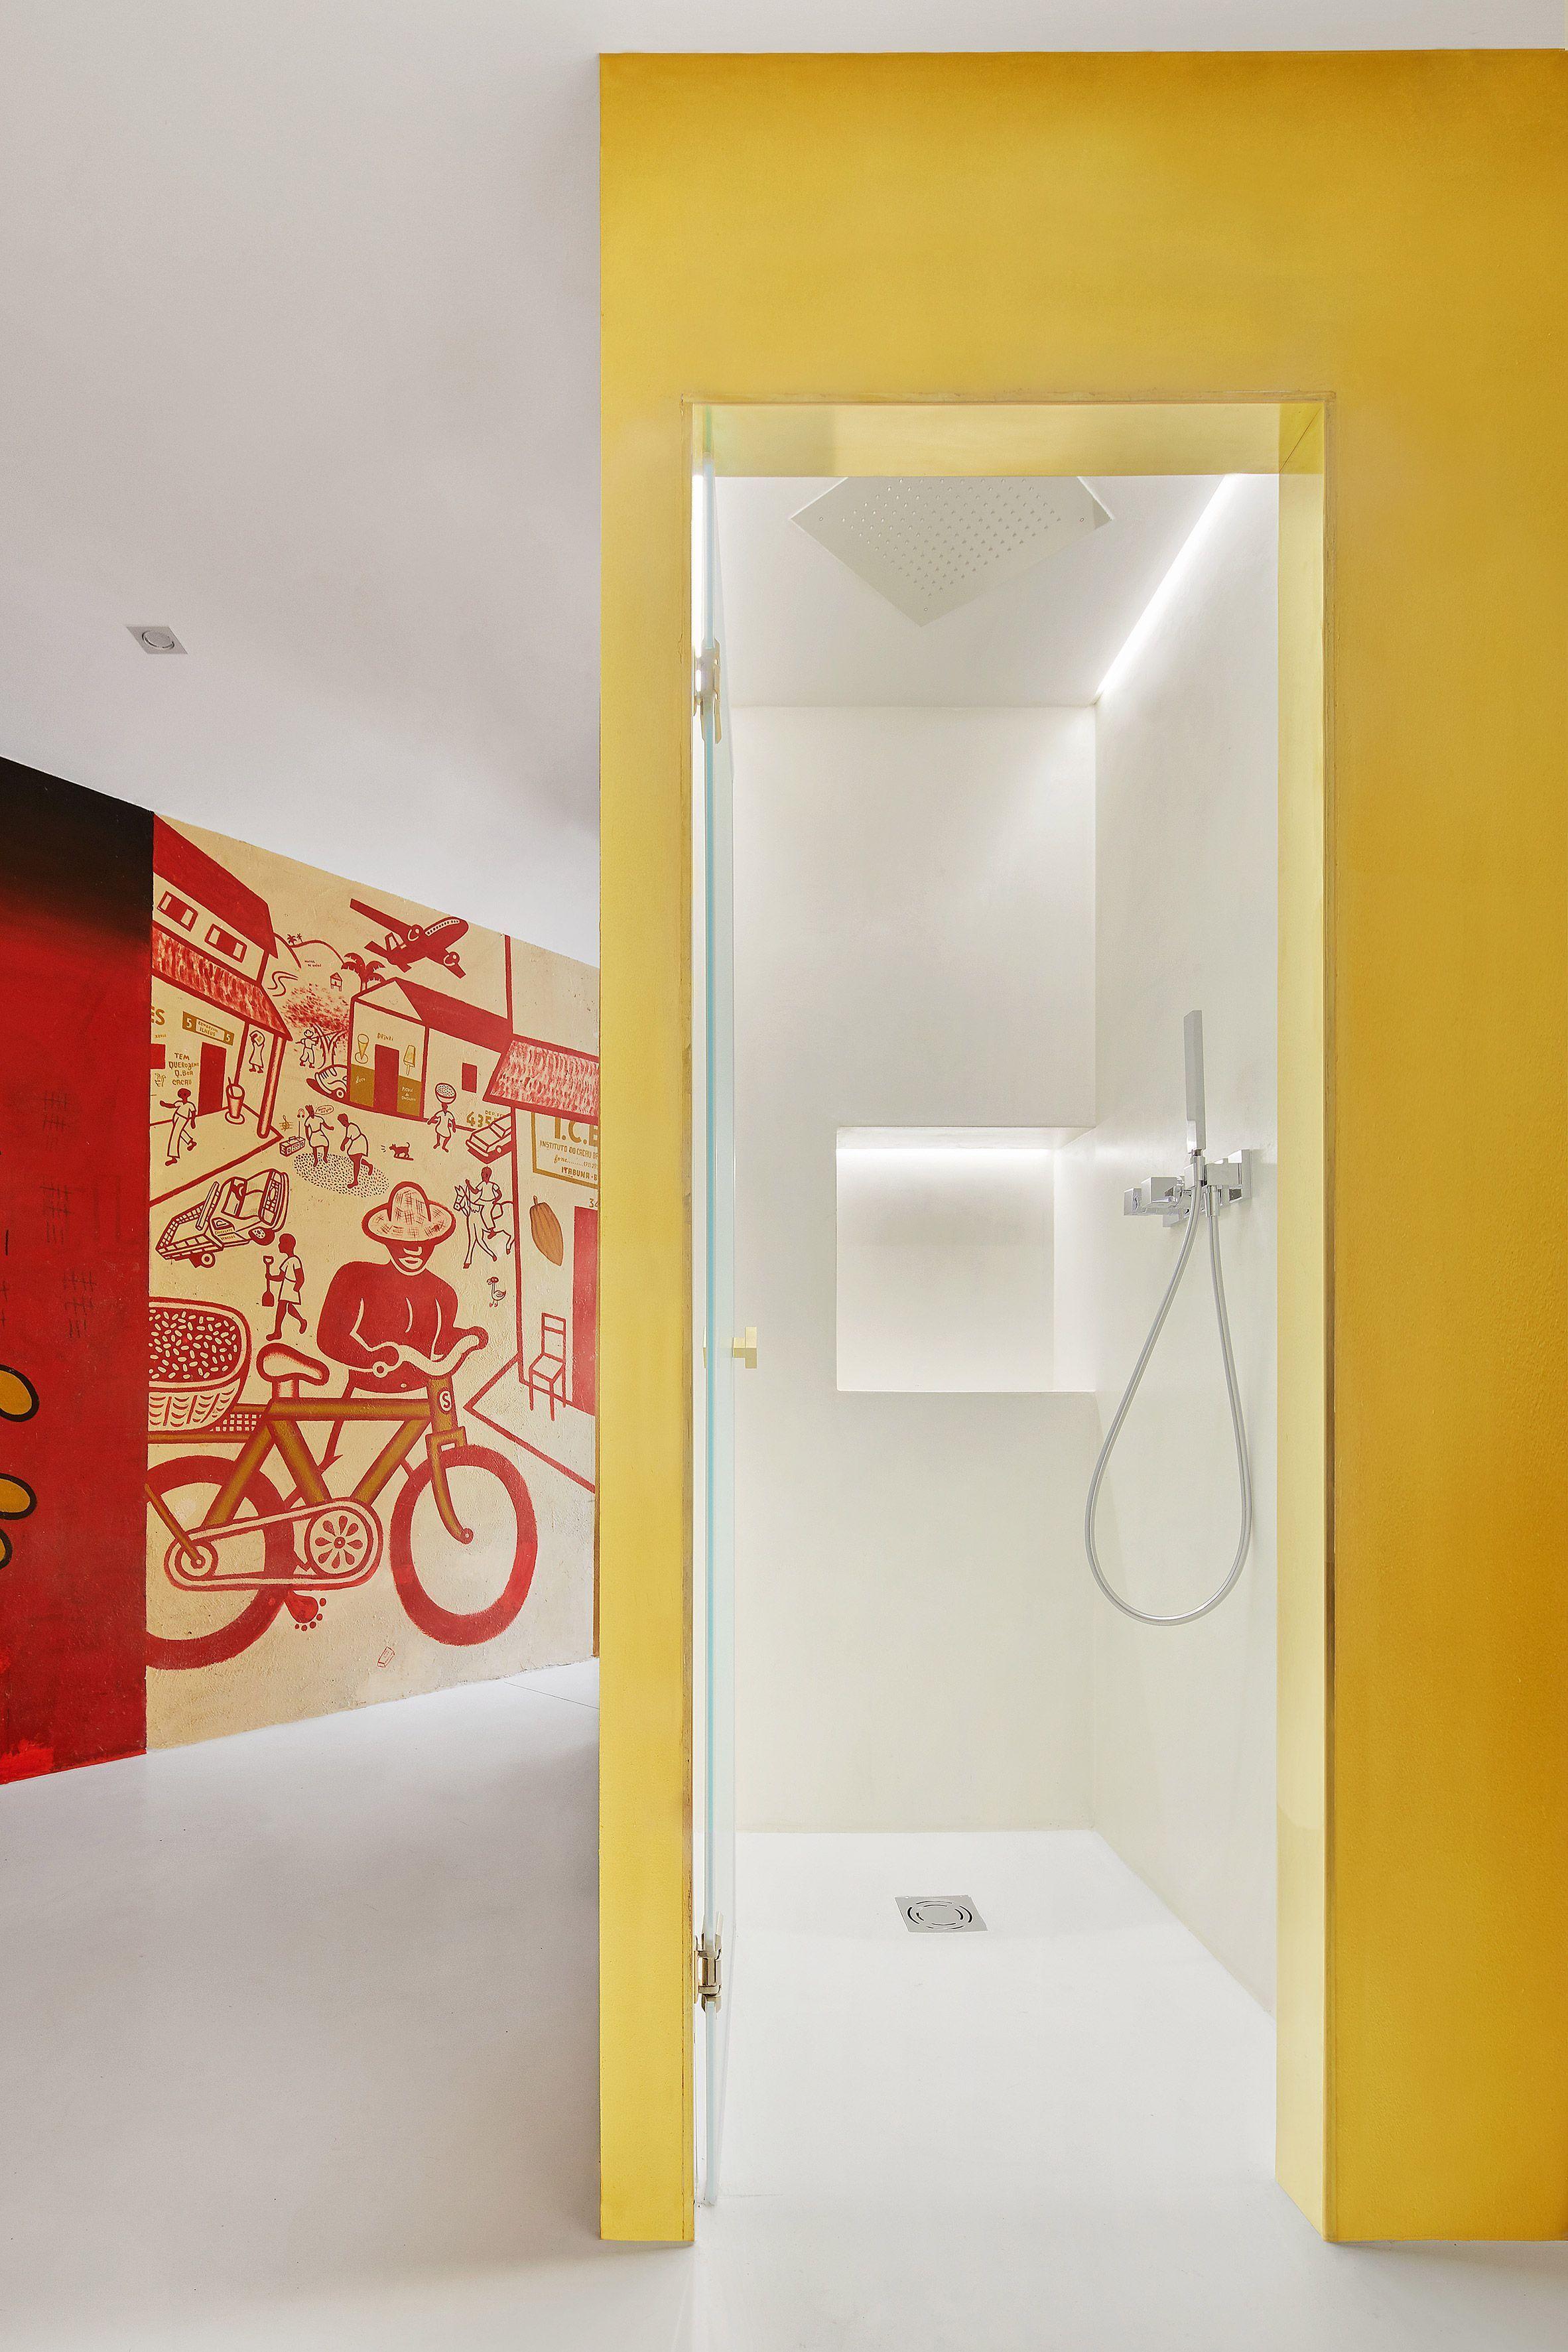 Design Ra L S Nchez Architects - Photography Jos Hevia